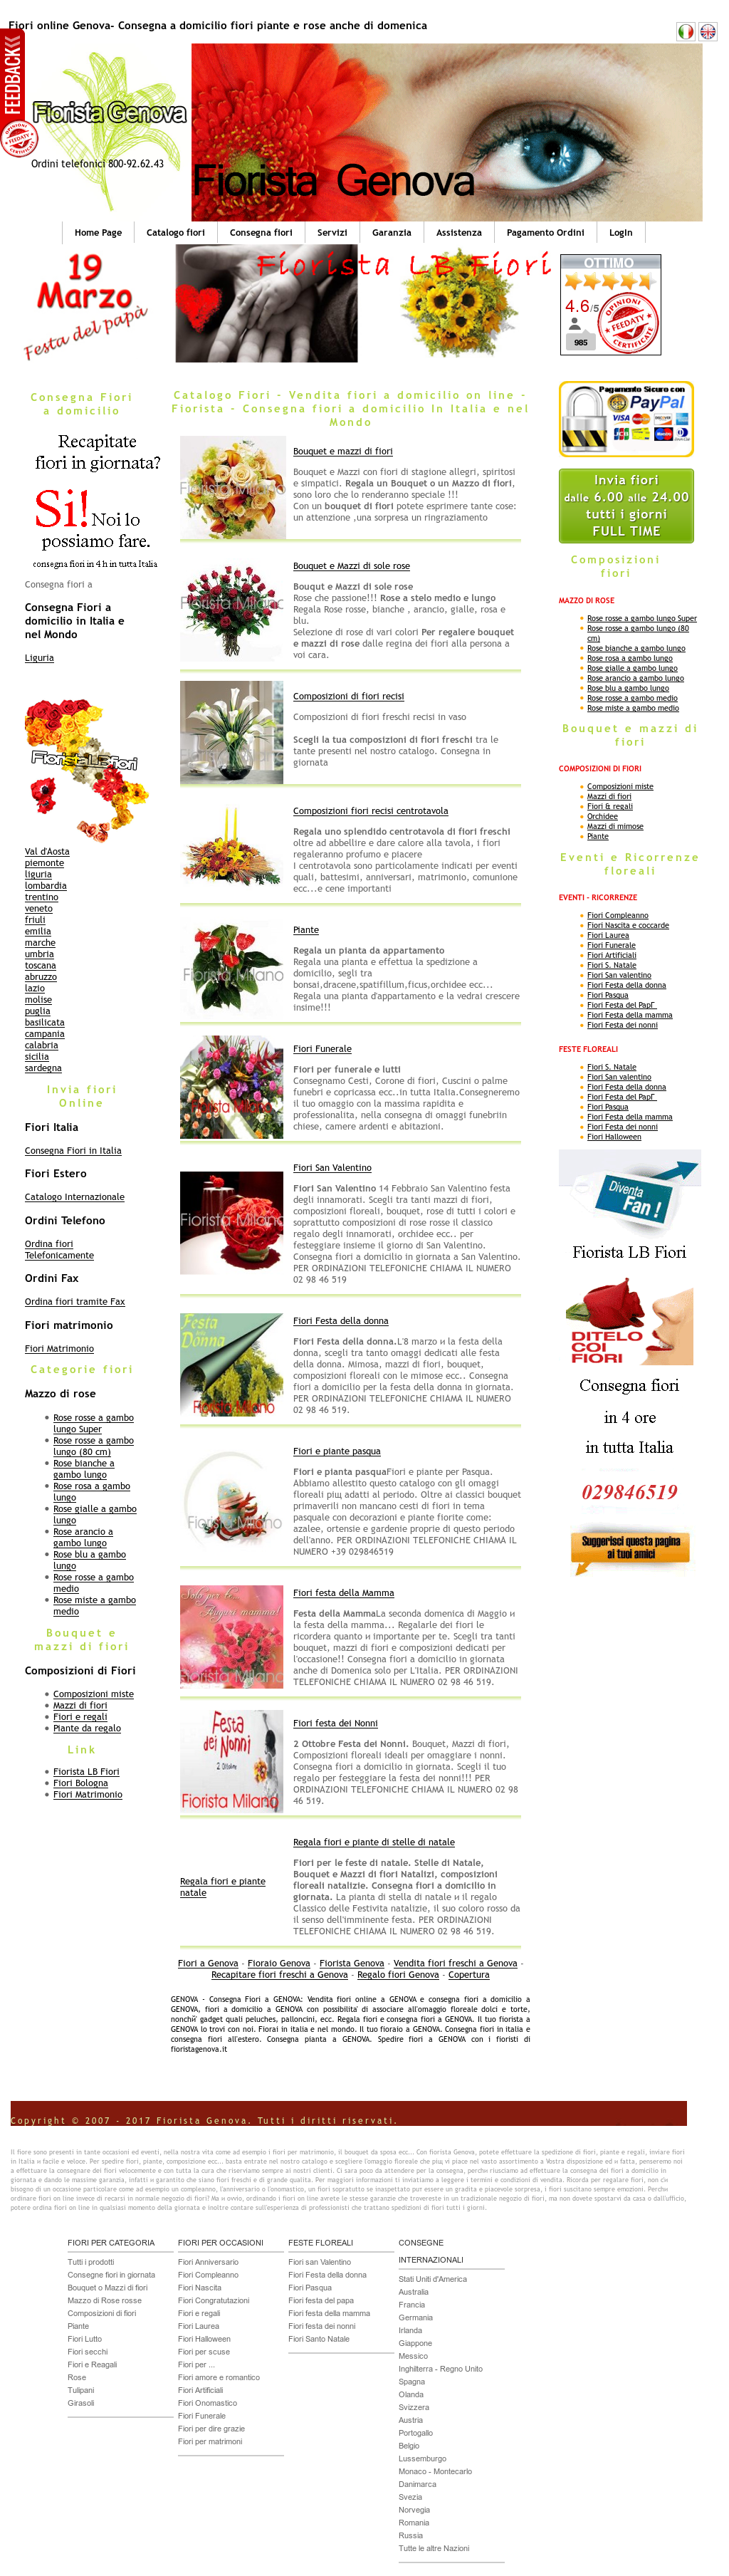 Consegna Fiori Italia.Fiorista Lb Fiori Consegna Fiori Online Competitors Revenue And